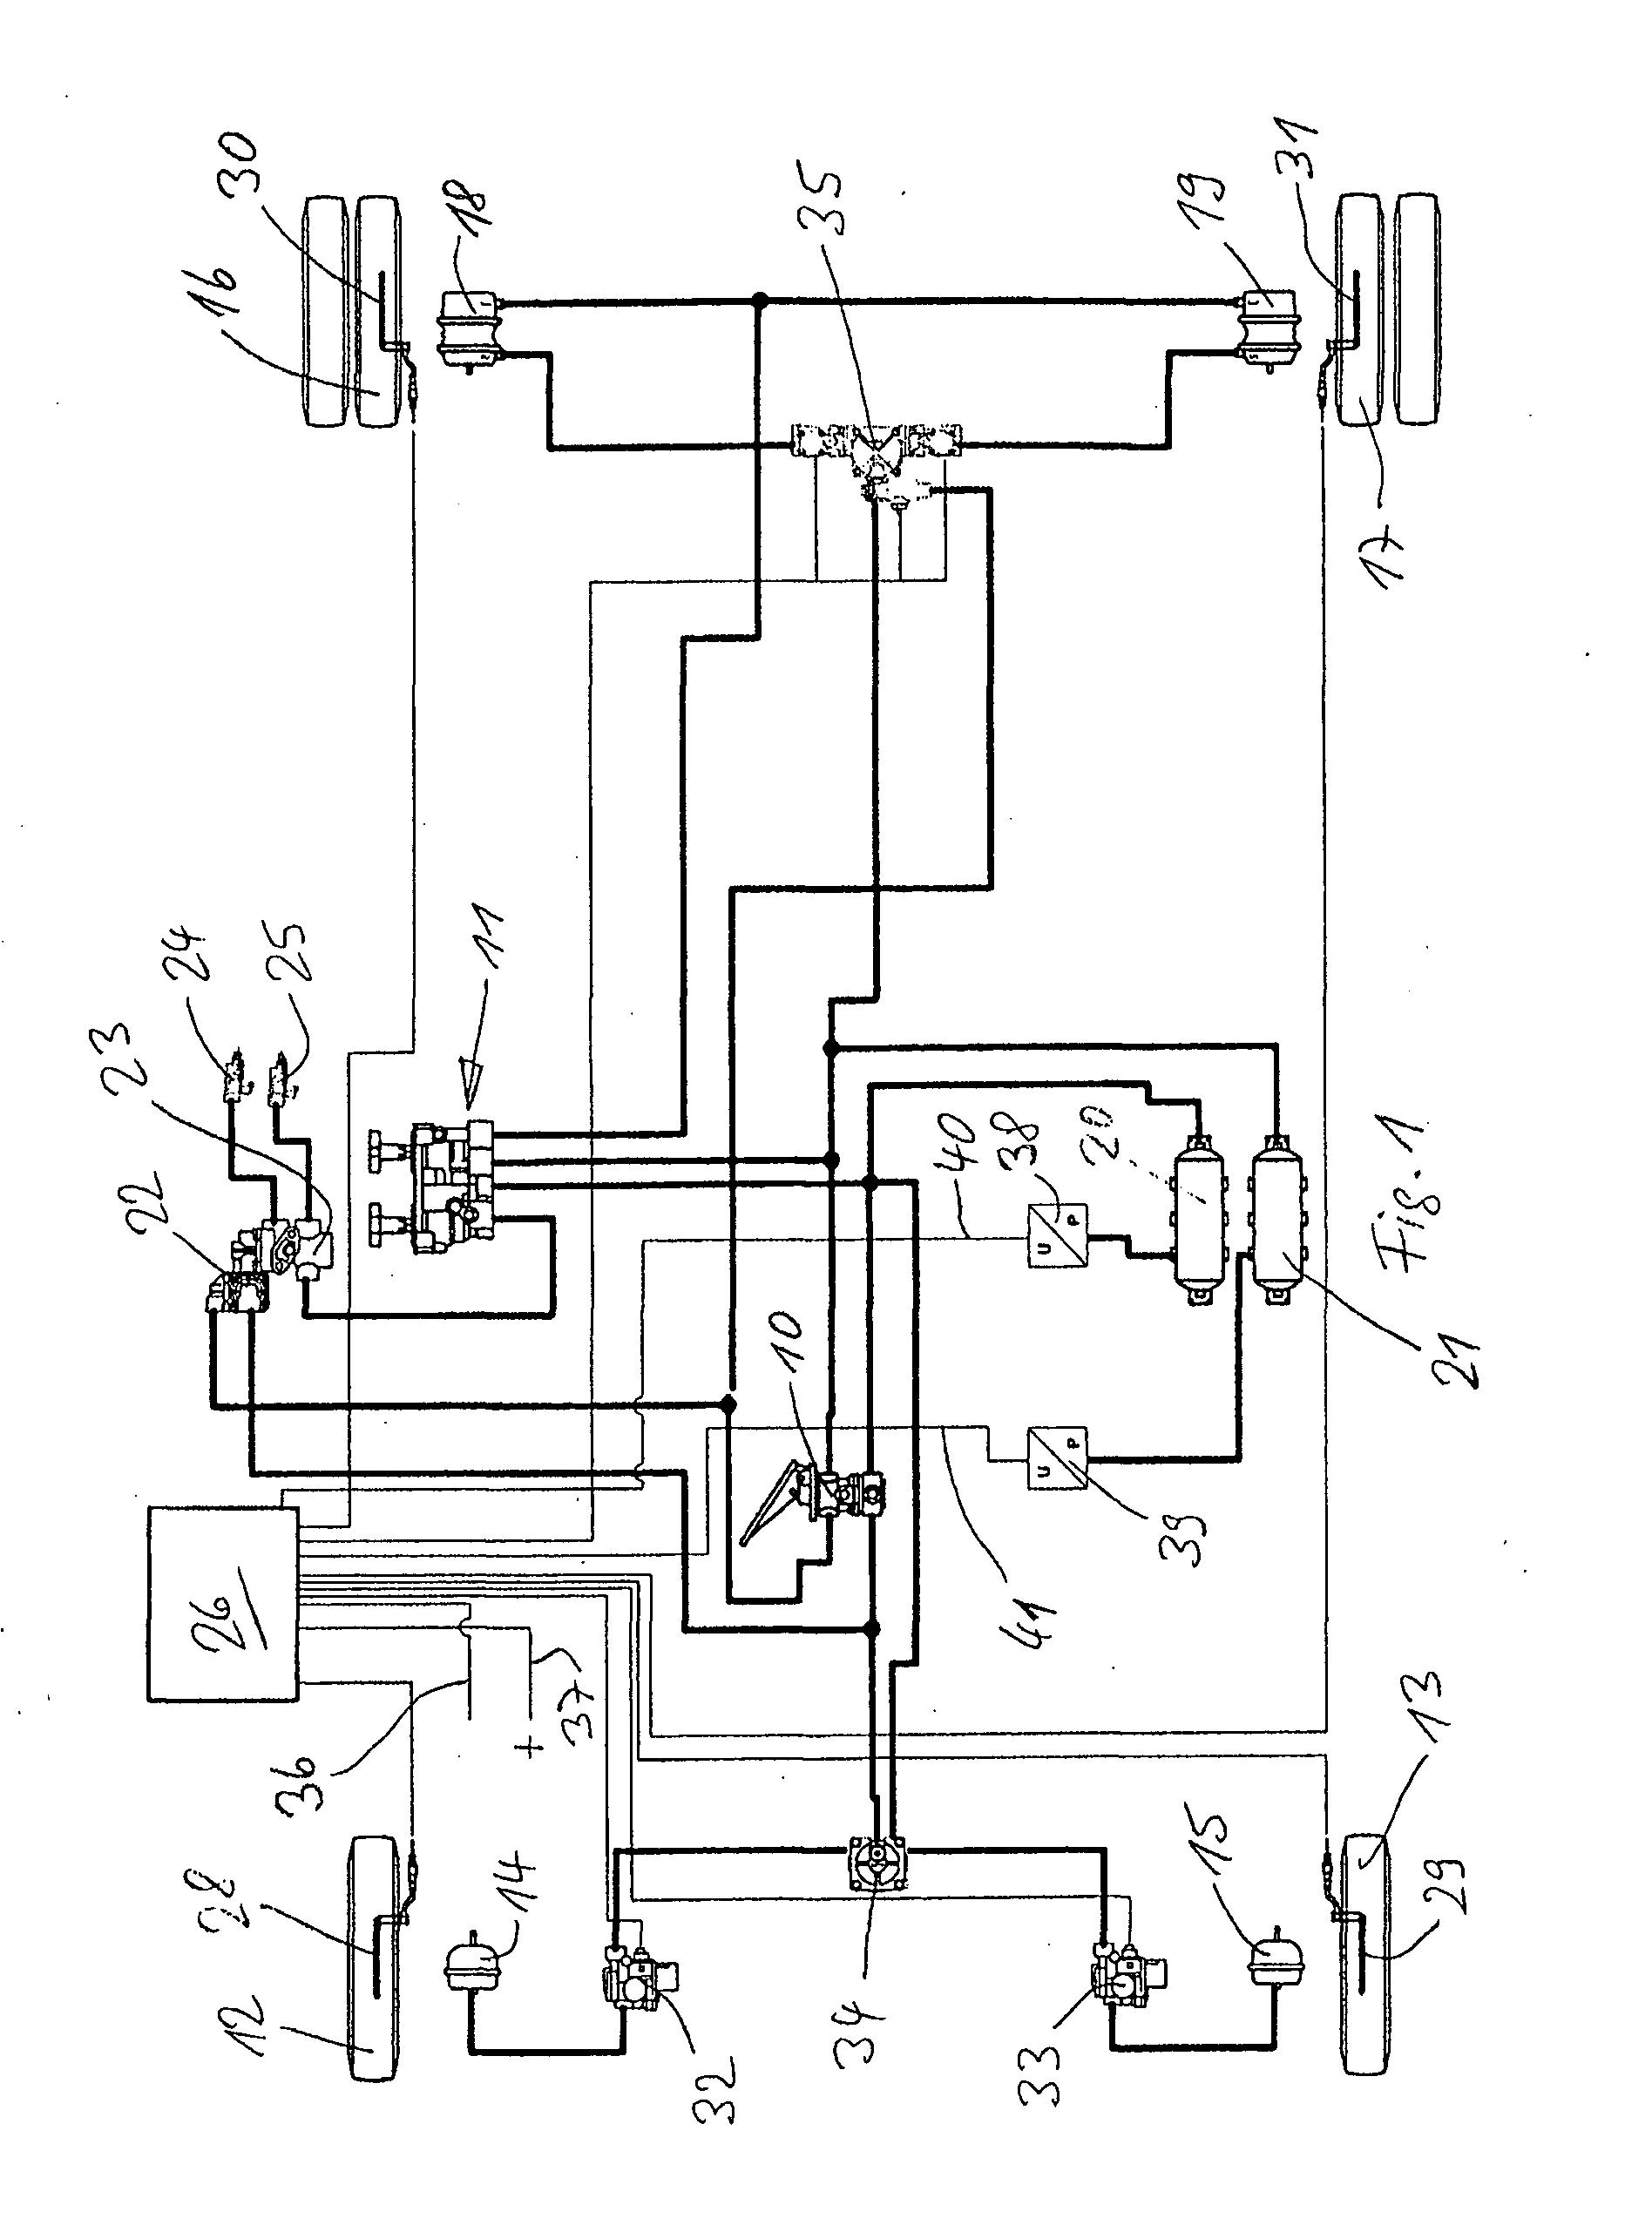 haldex abs trailer wiring diagrams